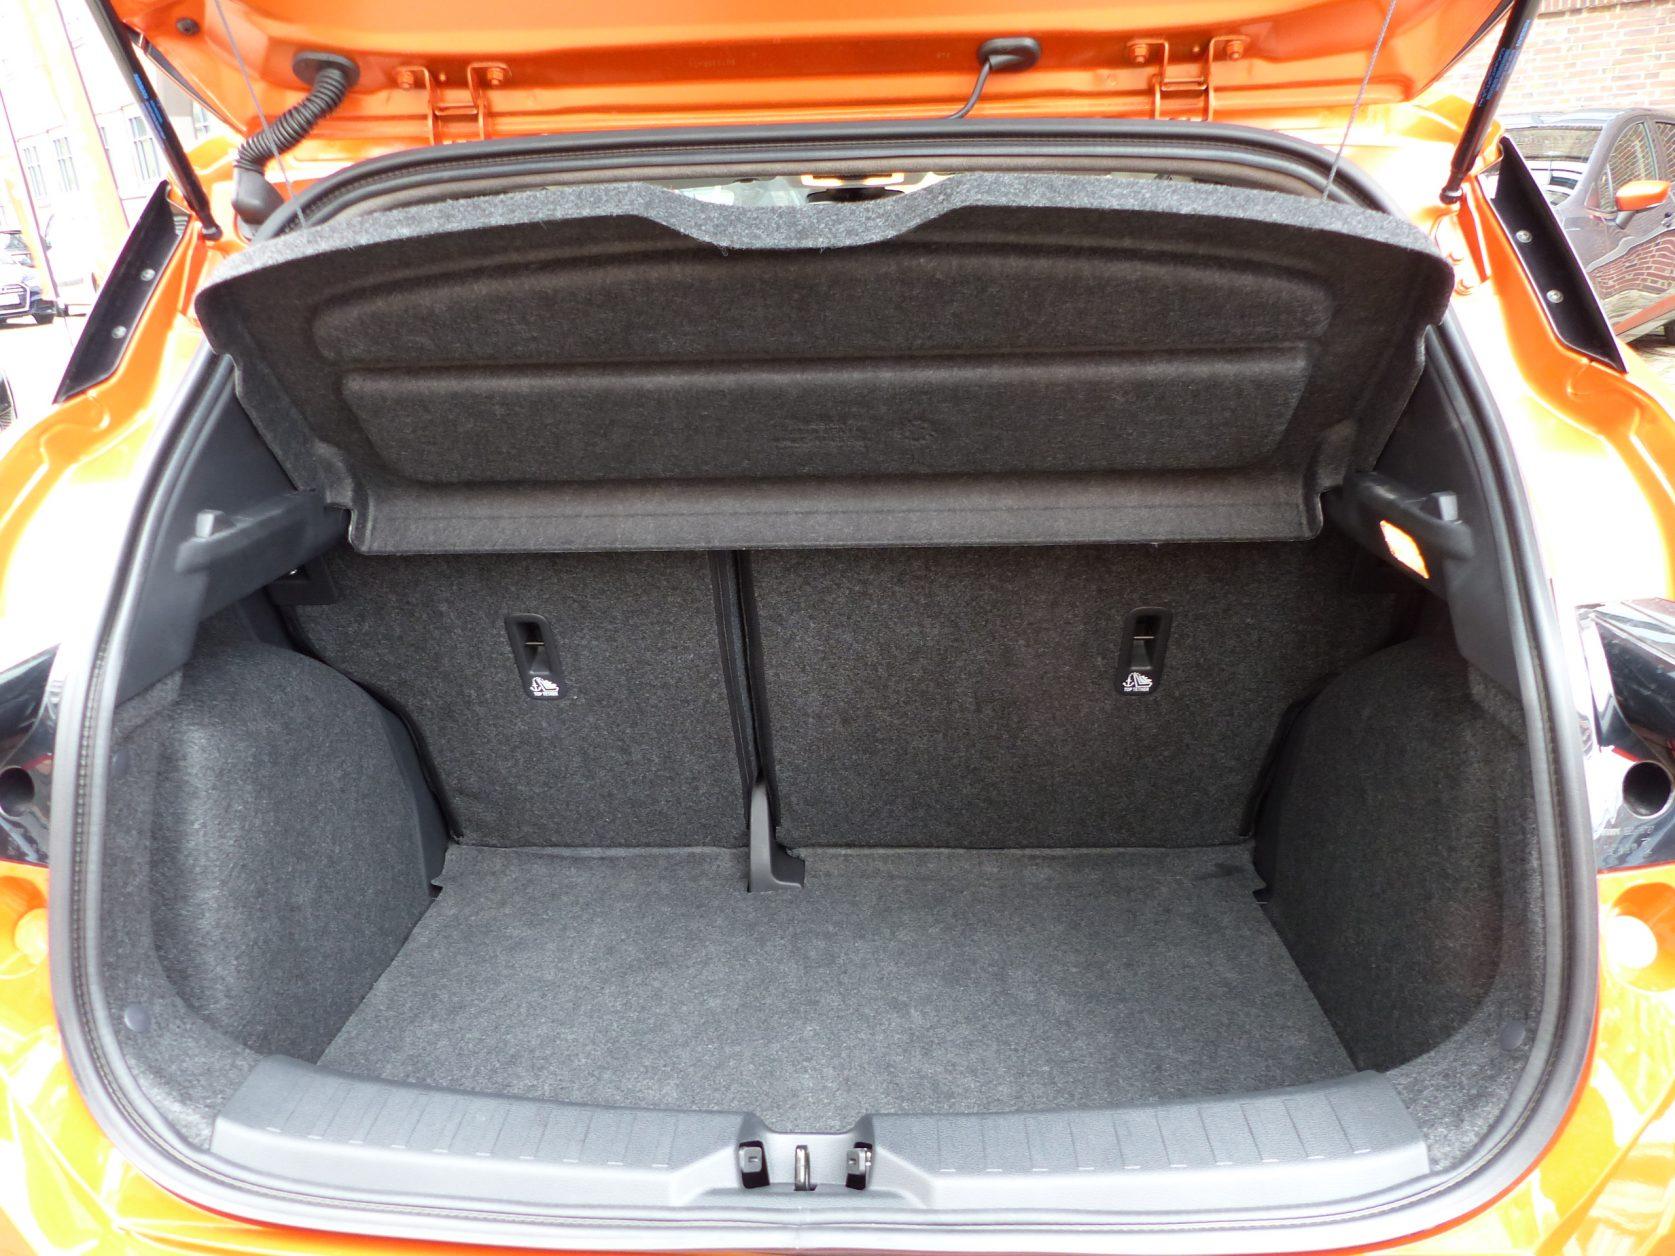 Einziges Manko: Kisten müssen hineingehoben werden, für Menschen mit Rückenproblemen schwierig, Foto: d. Weirauch